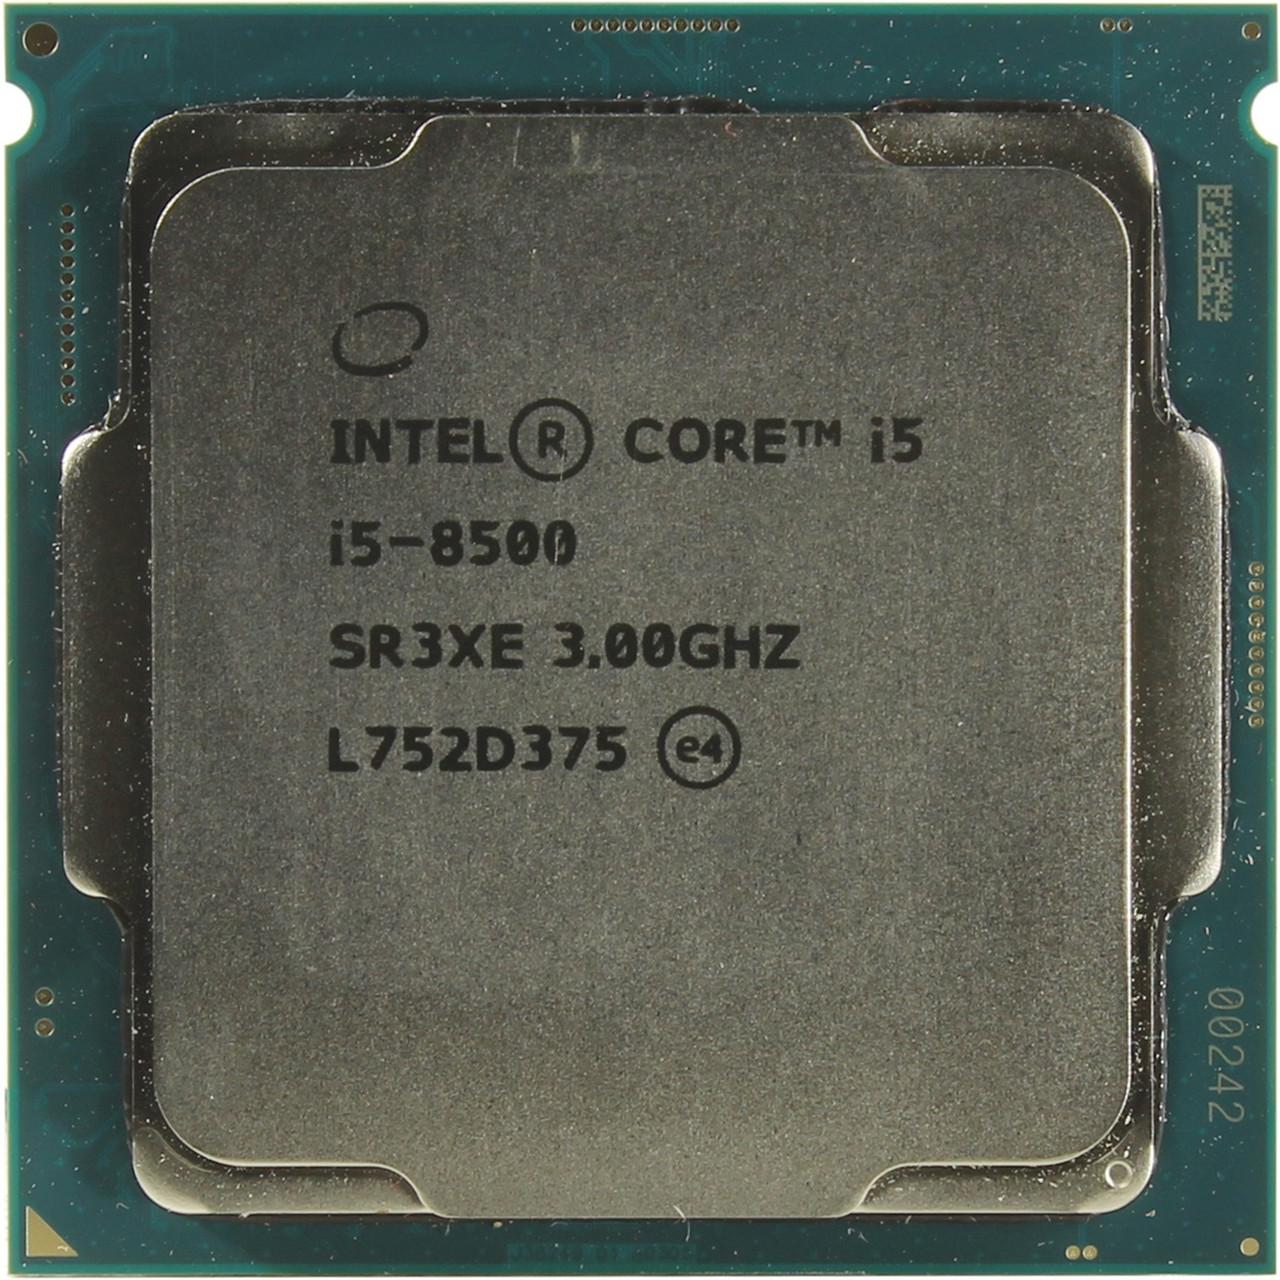 Процессор Intel 1151 i5-8500 3.0GHz, 9MB